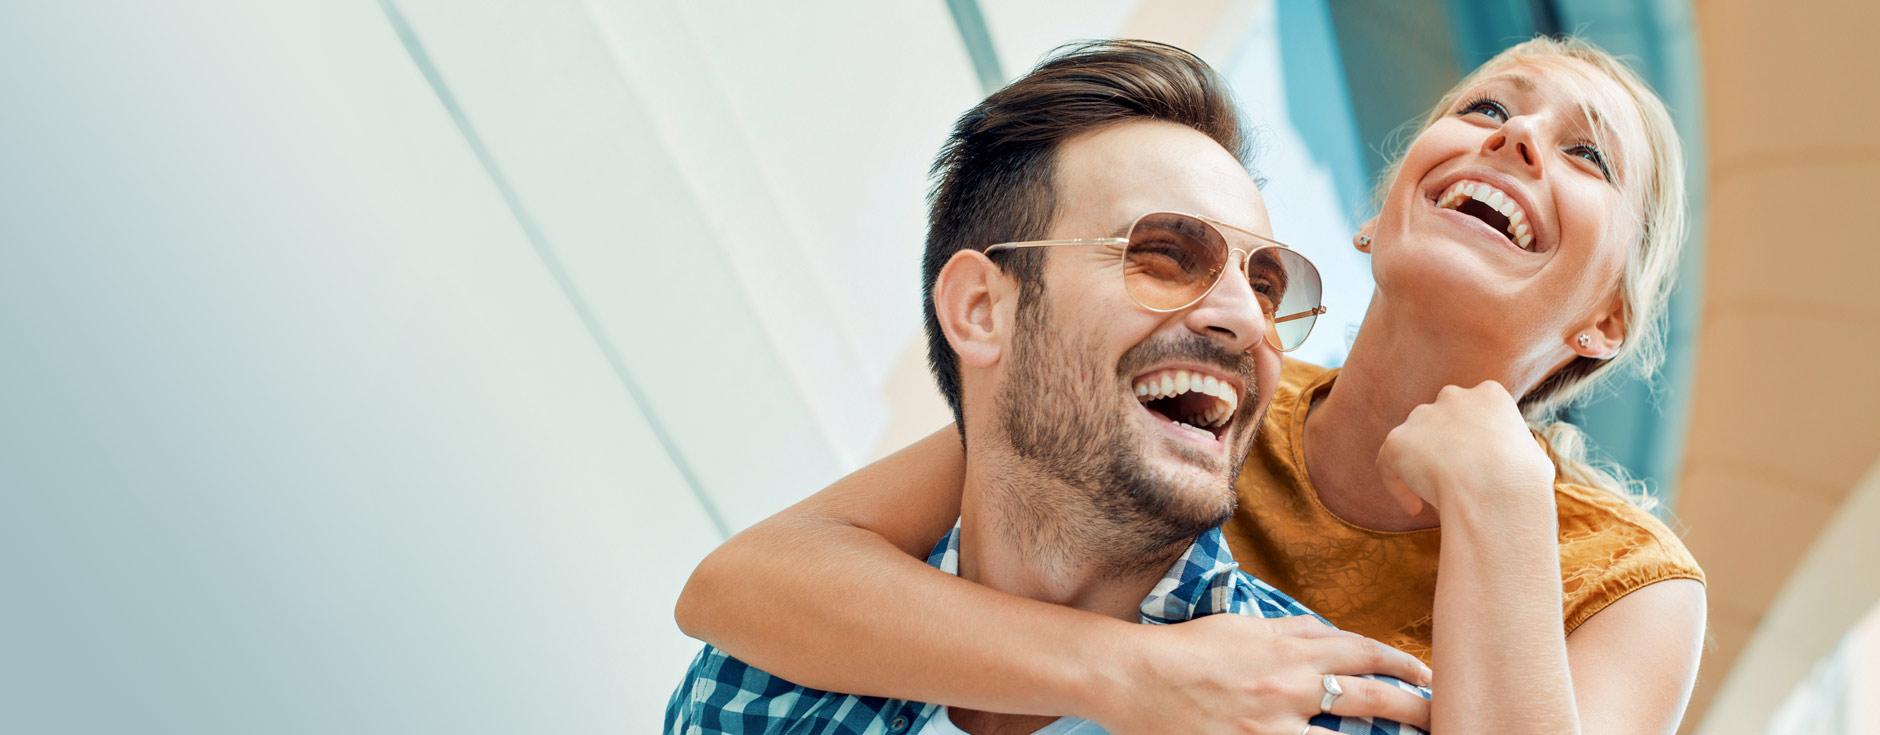 Image of smiling joyous couple